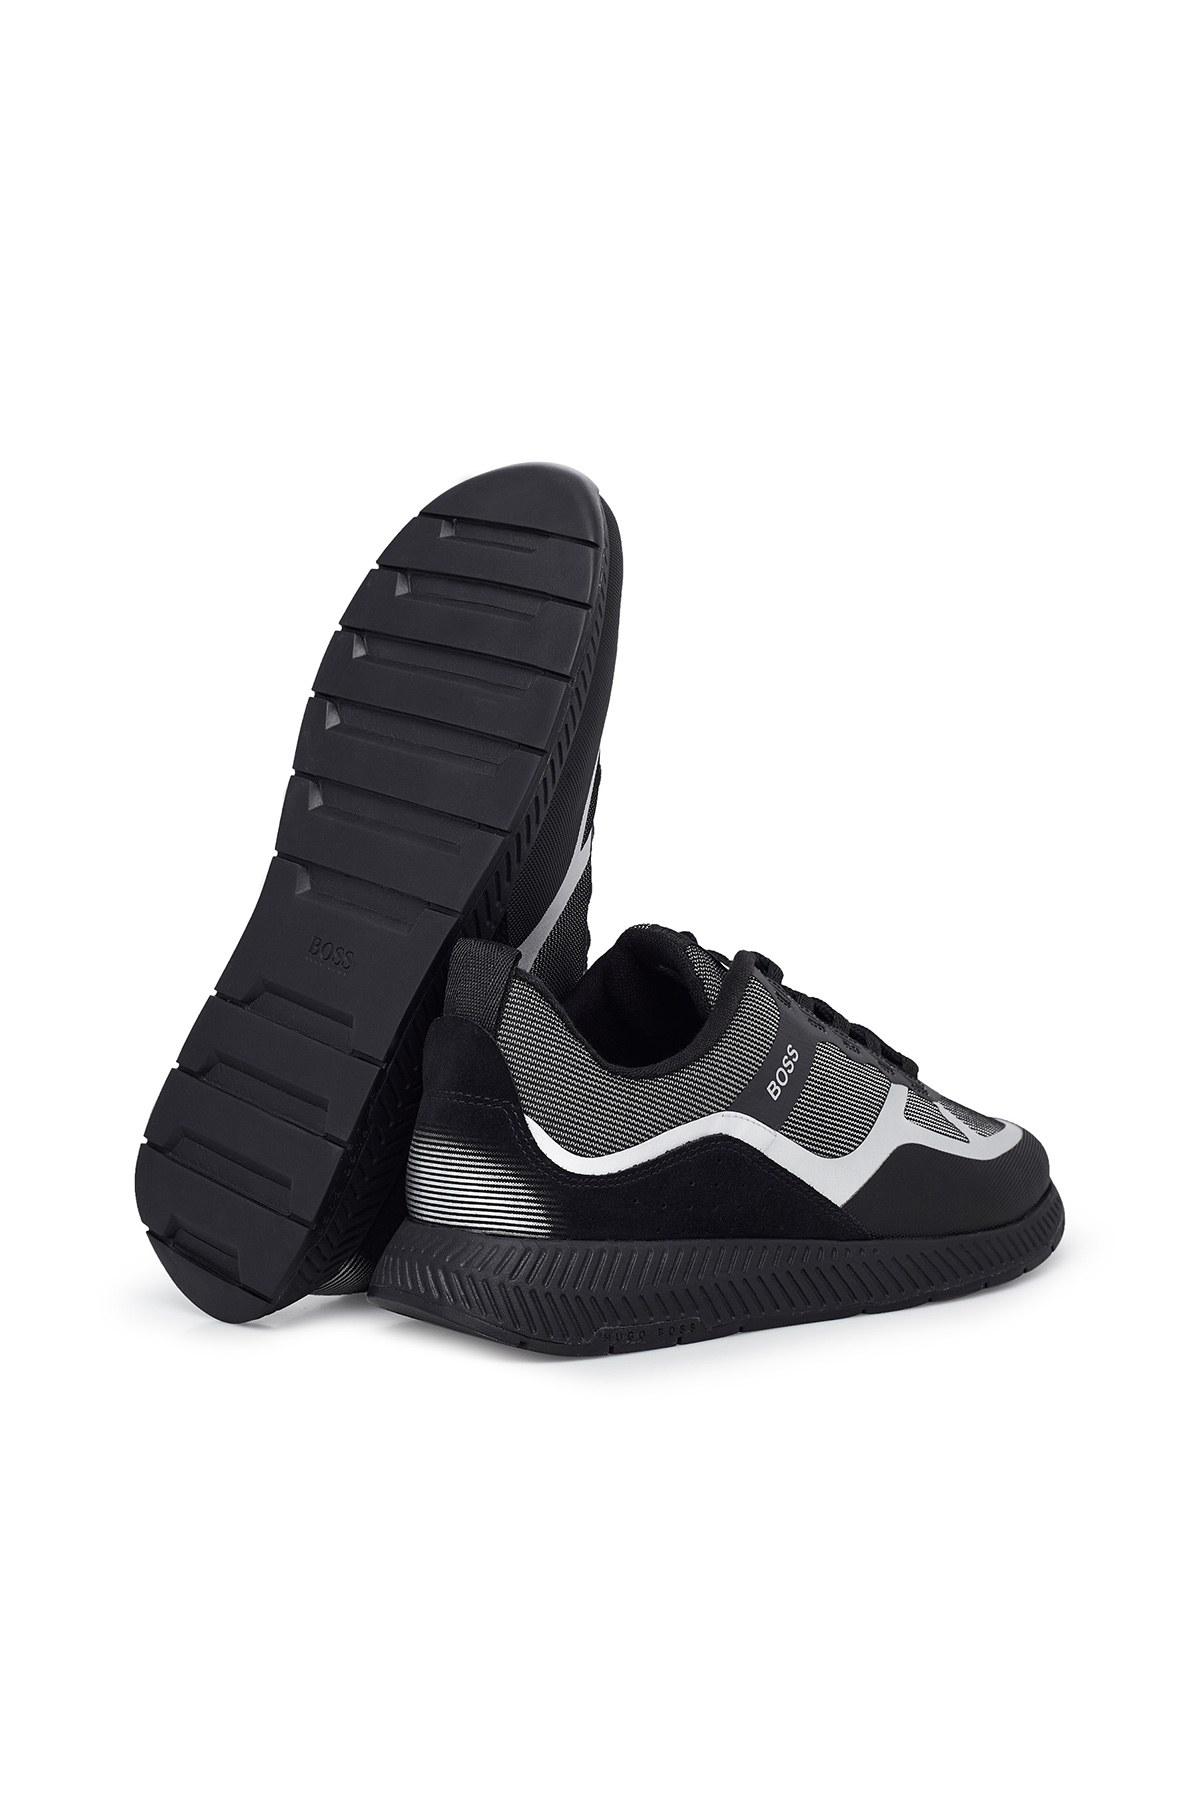 Hugo Boss Erkek Ayakkabı 50440774 001 SİYAH